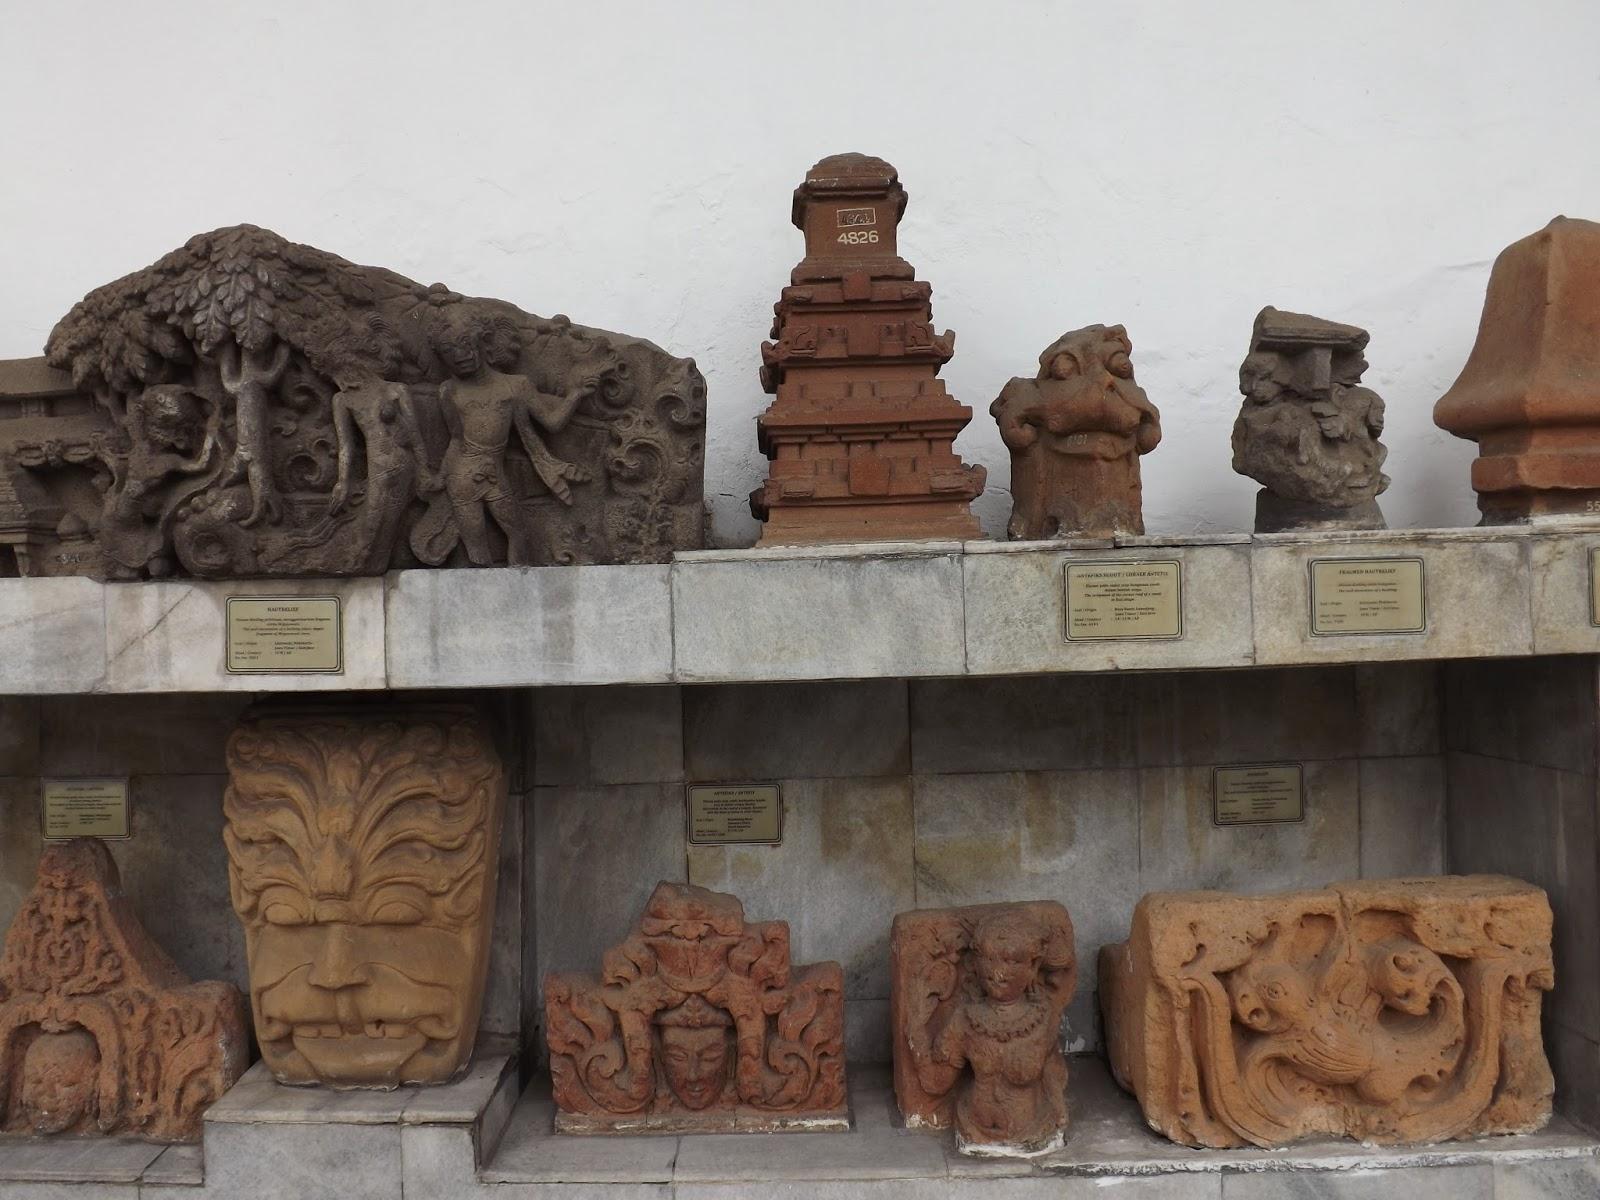 Hanriryn February 2017 Patung Relief Museum Nasional Gajah Indonesia Kota